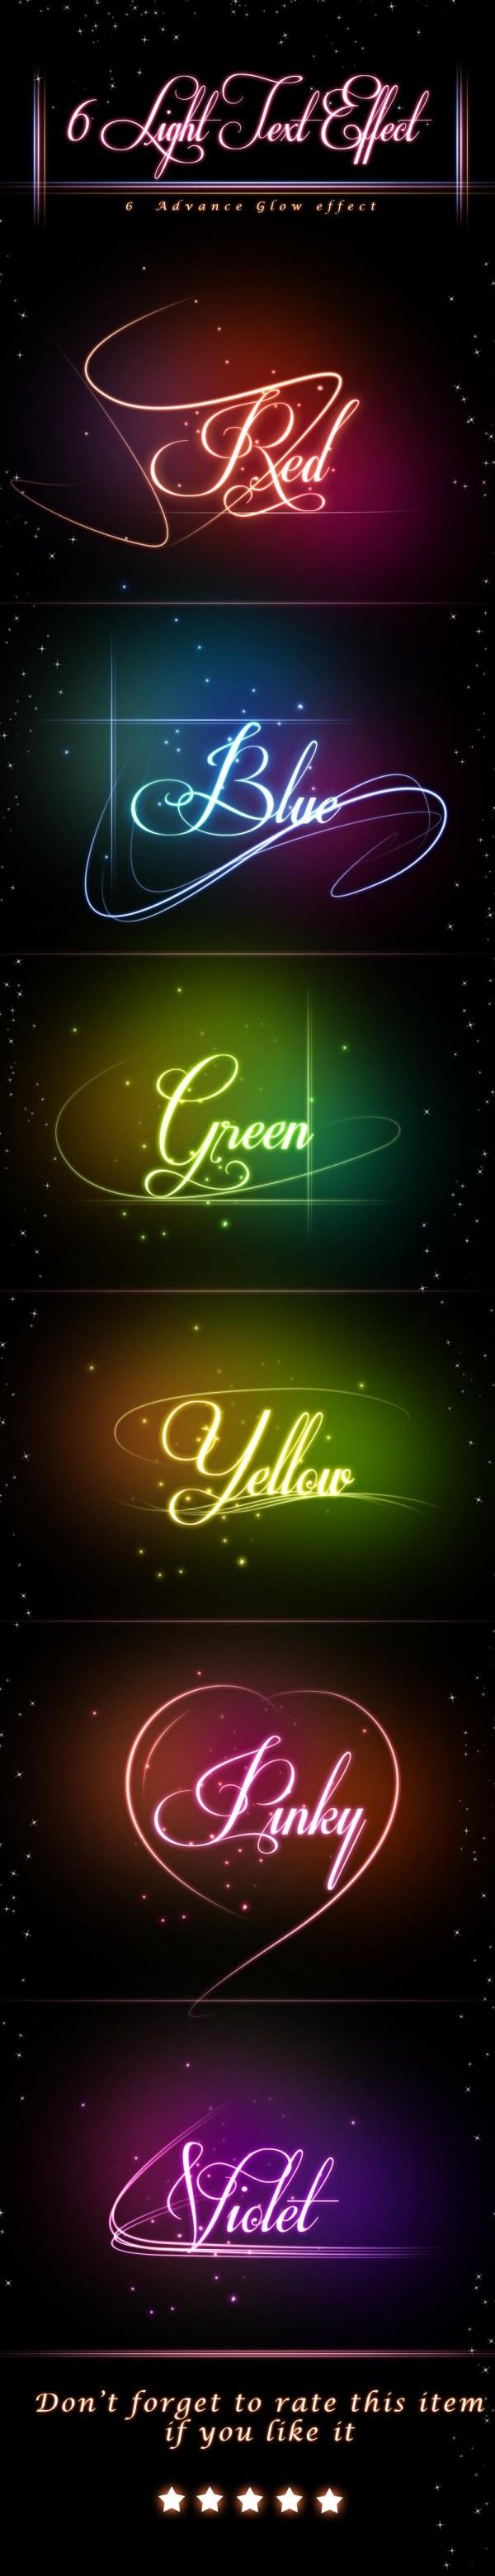 إستايلات للفوتوشوب بتأثير ال glow المضئ الرائع